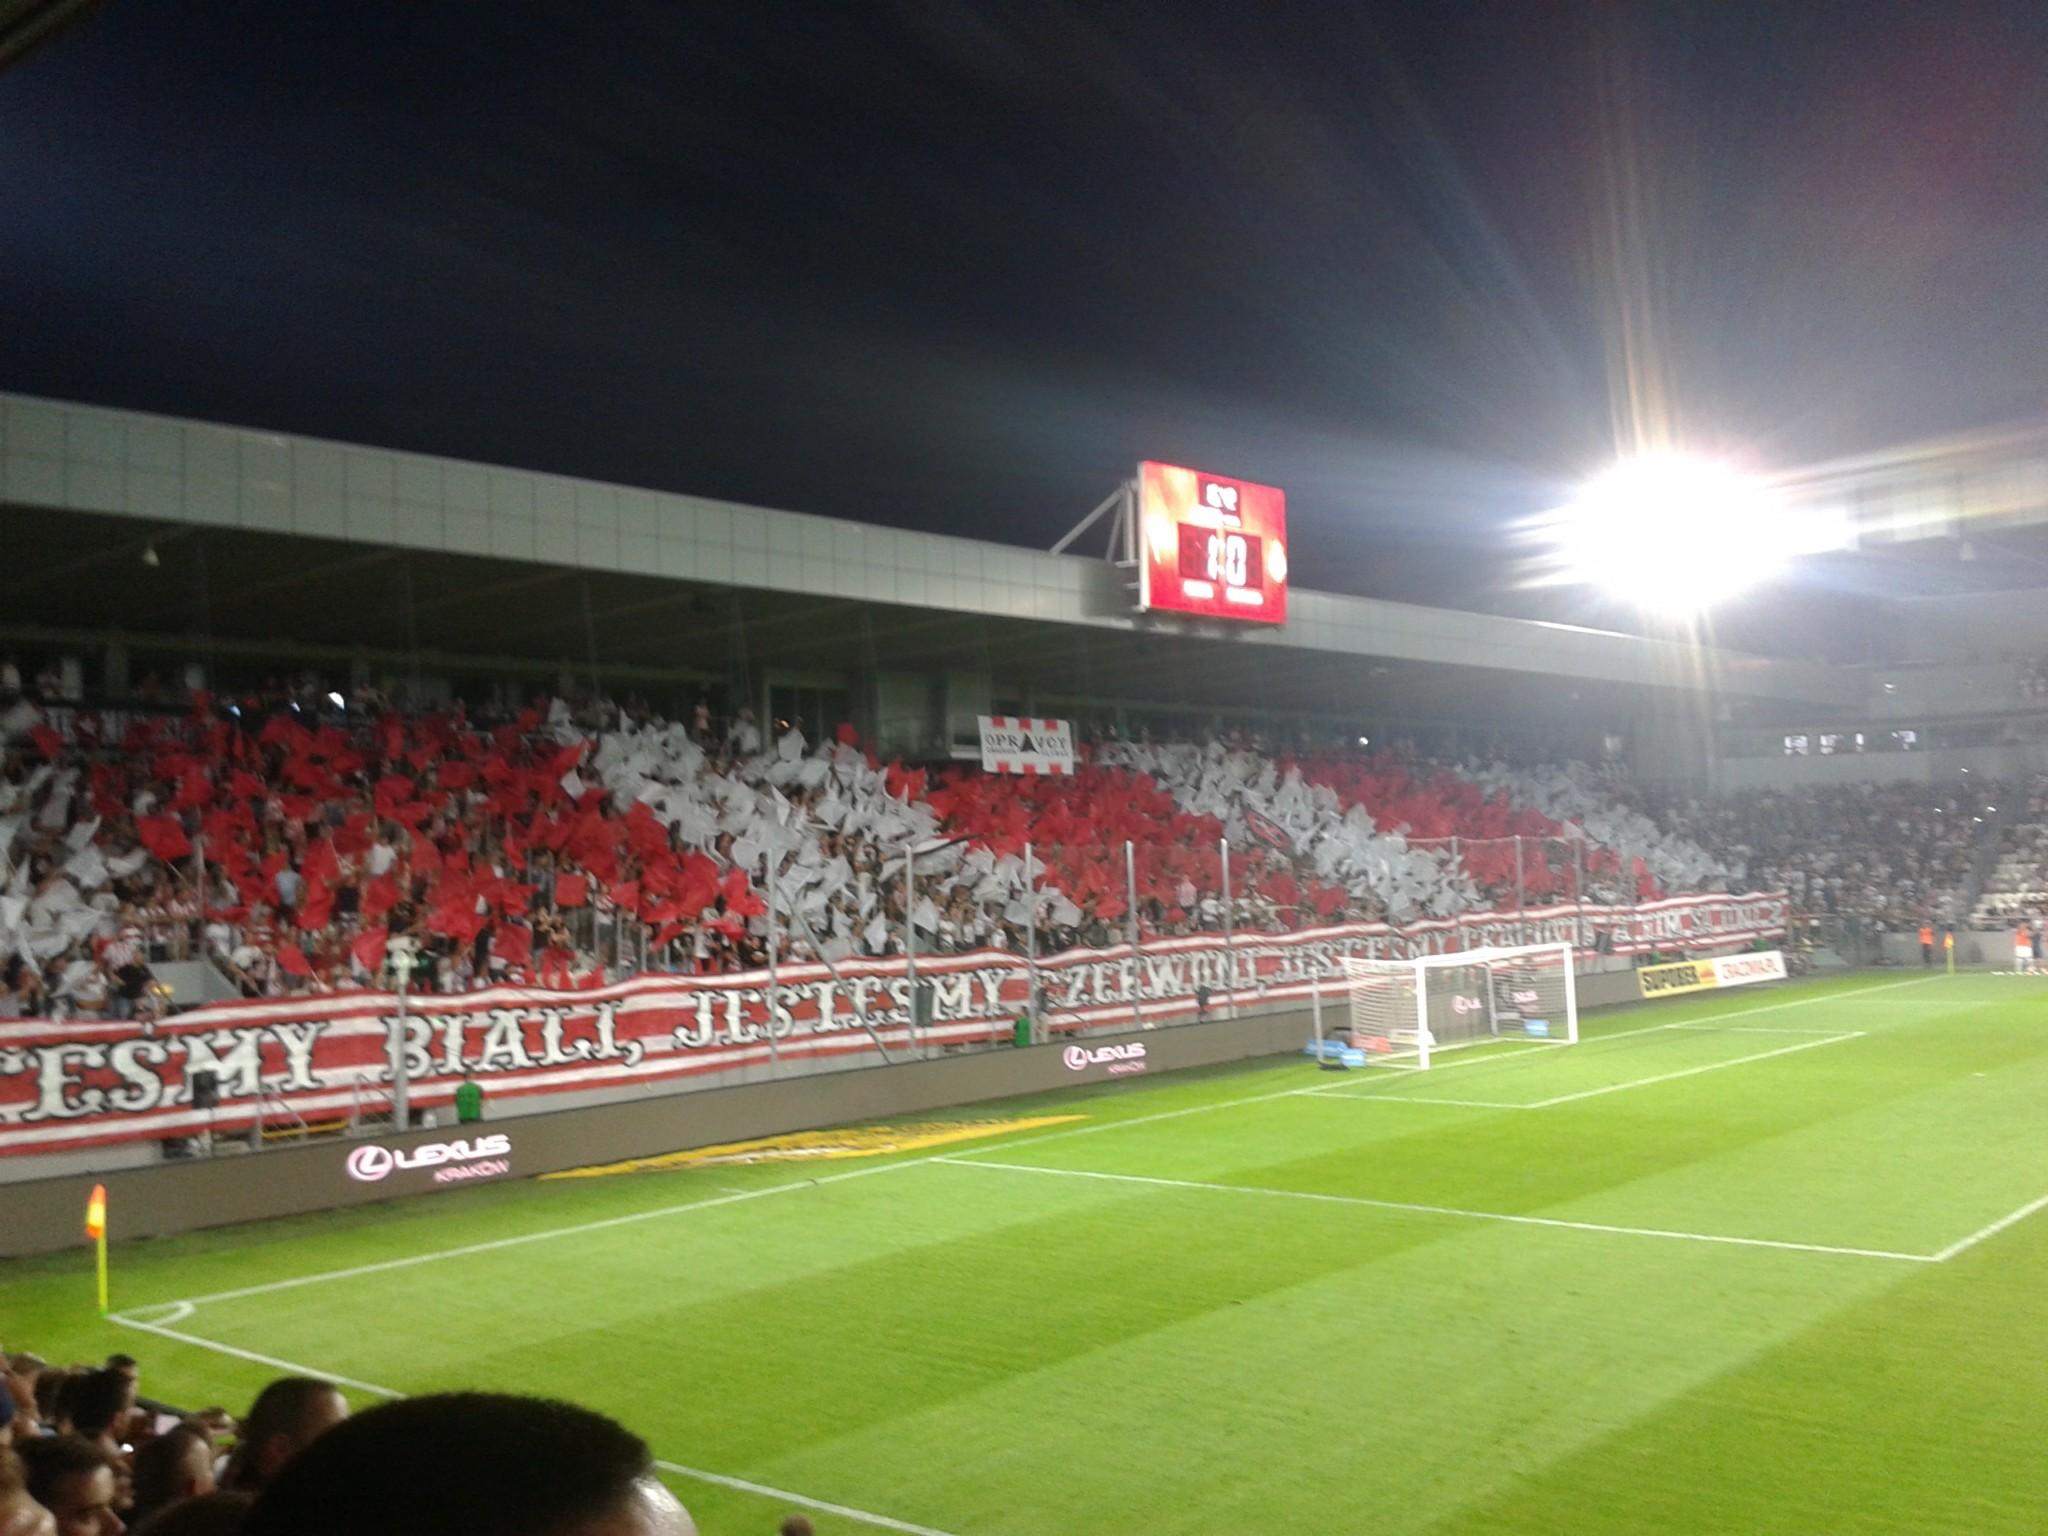 192nd Grand Derby Krakow (2)